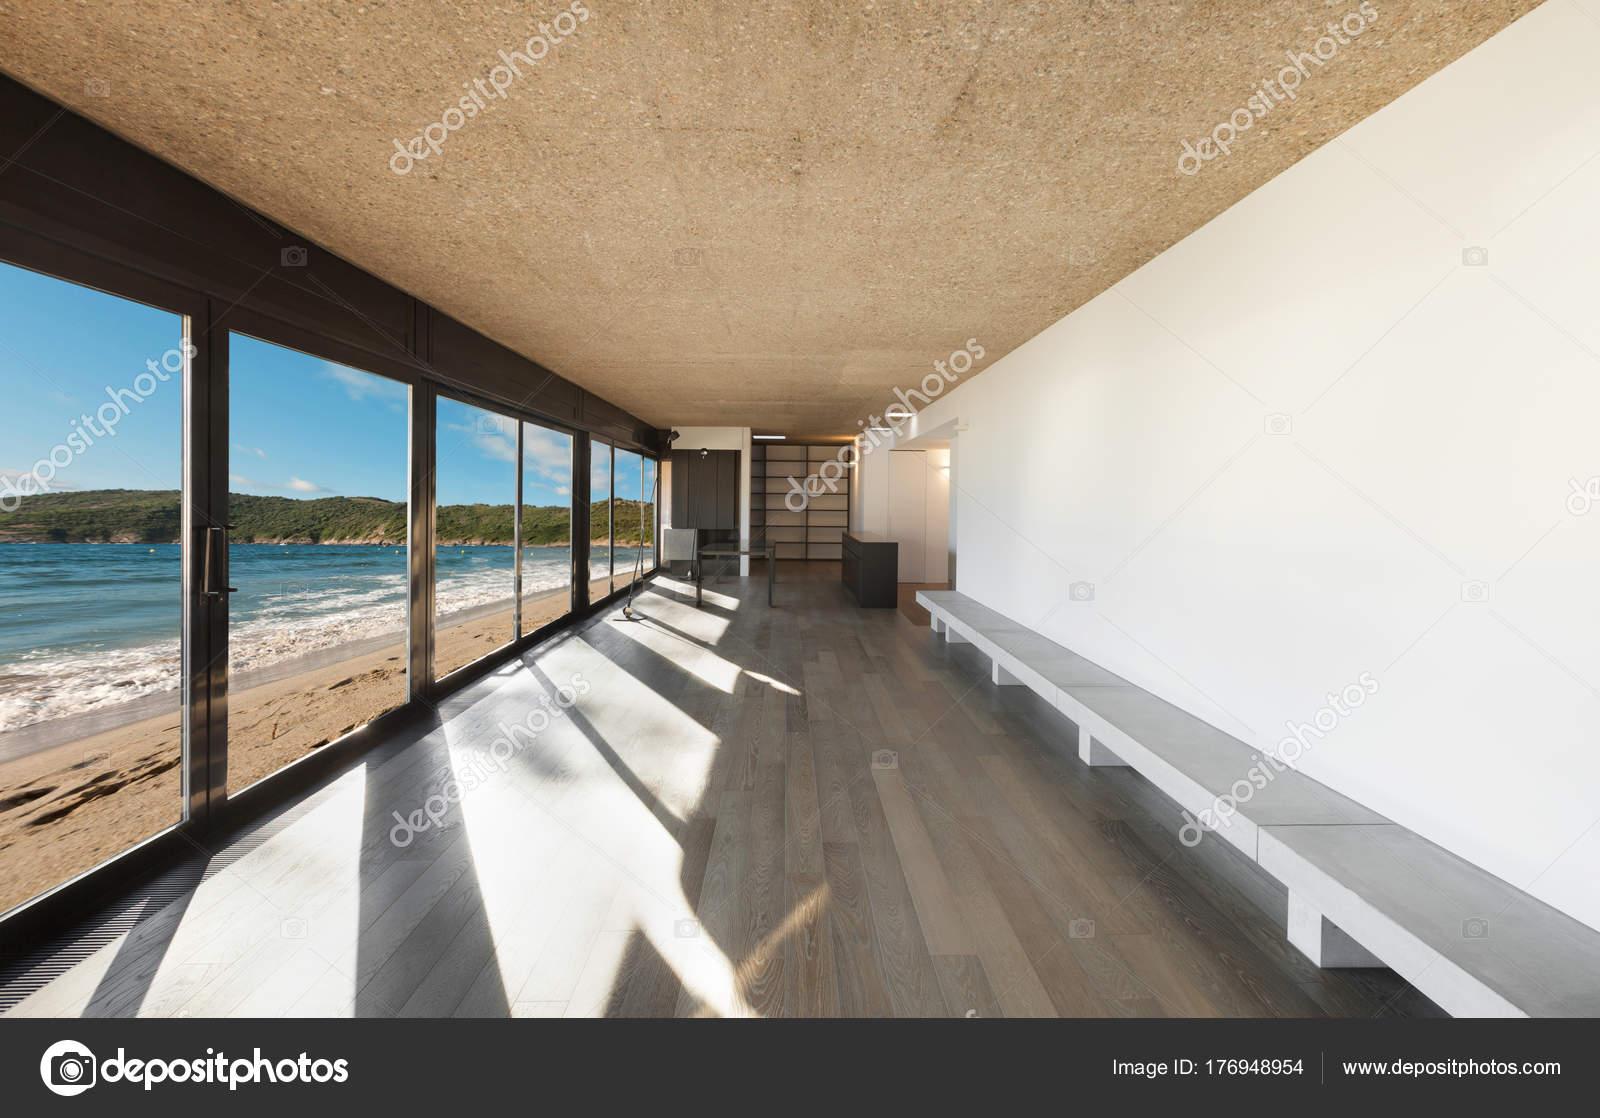 schönes Haus am Meer, innen — Stockfoto © Zveiger #176948954